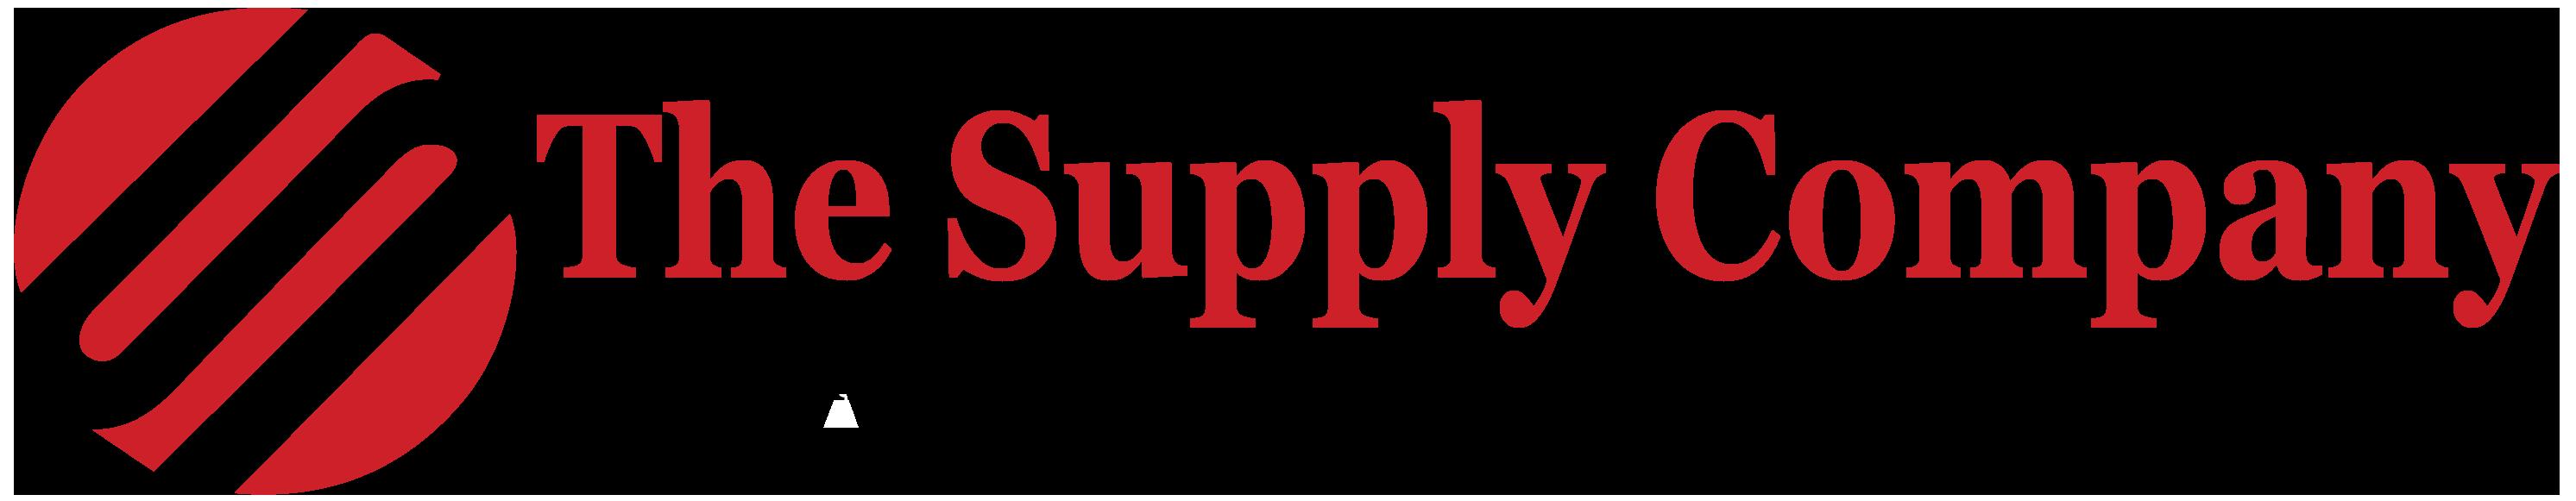 The Supply Company Inc